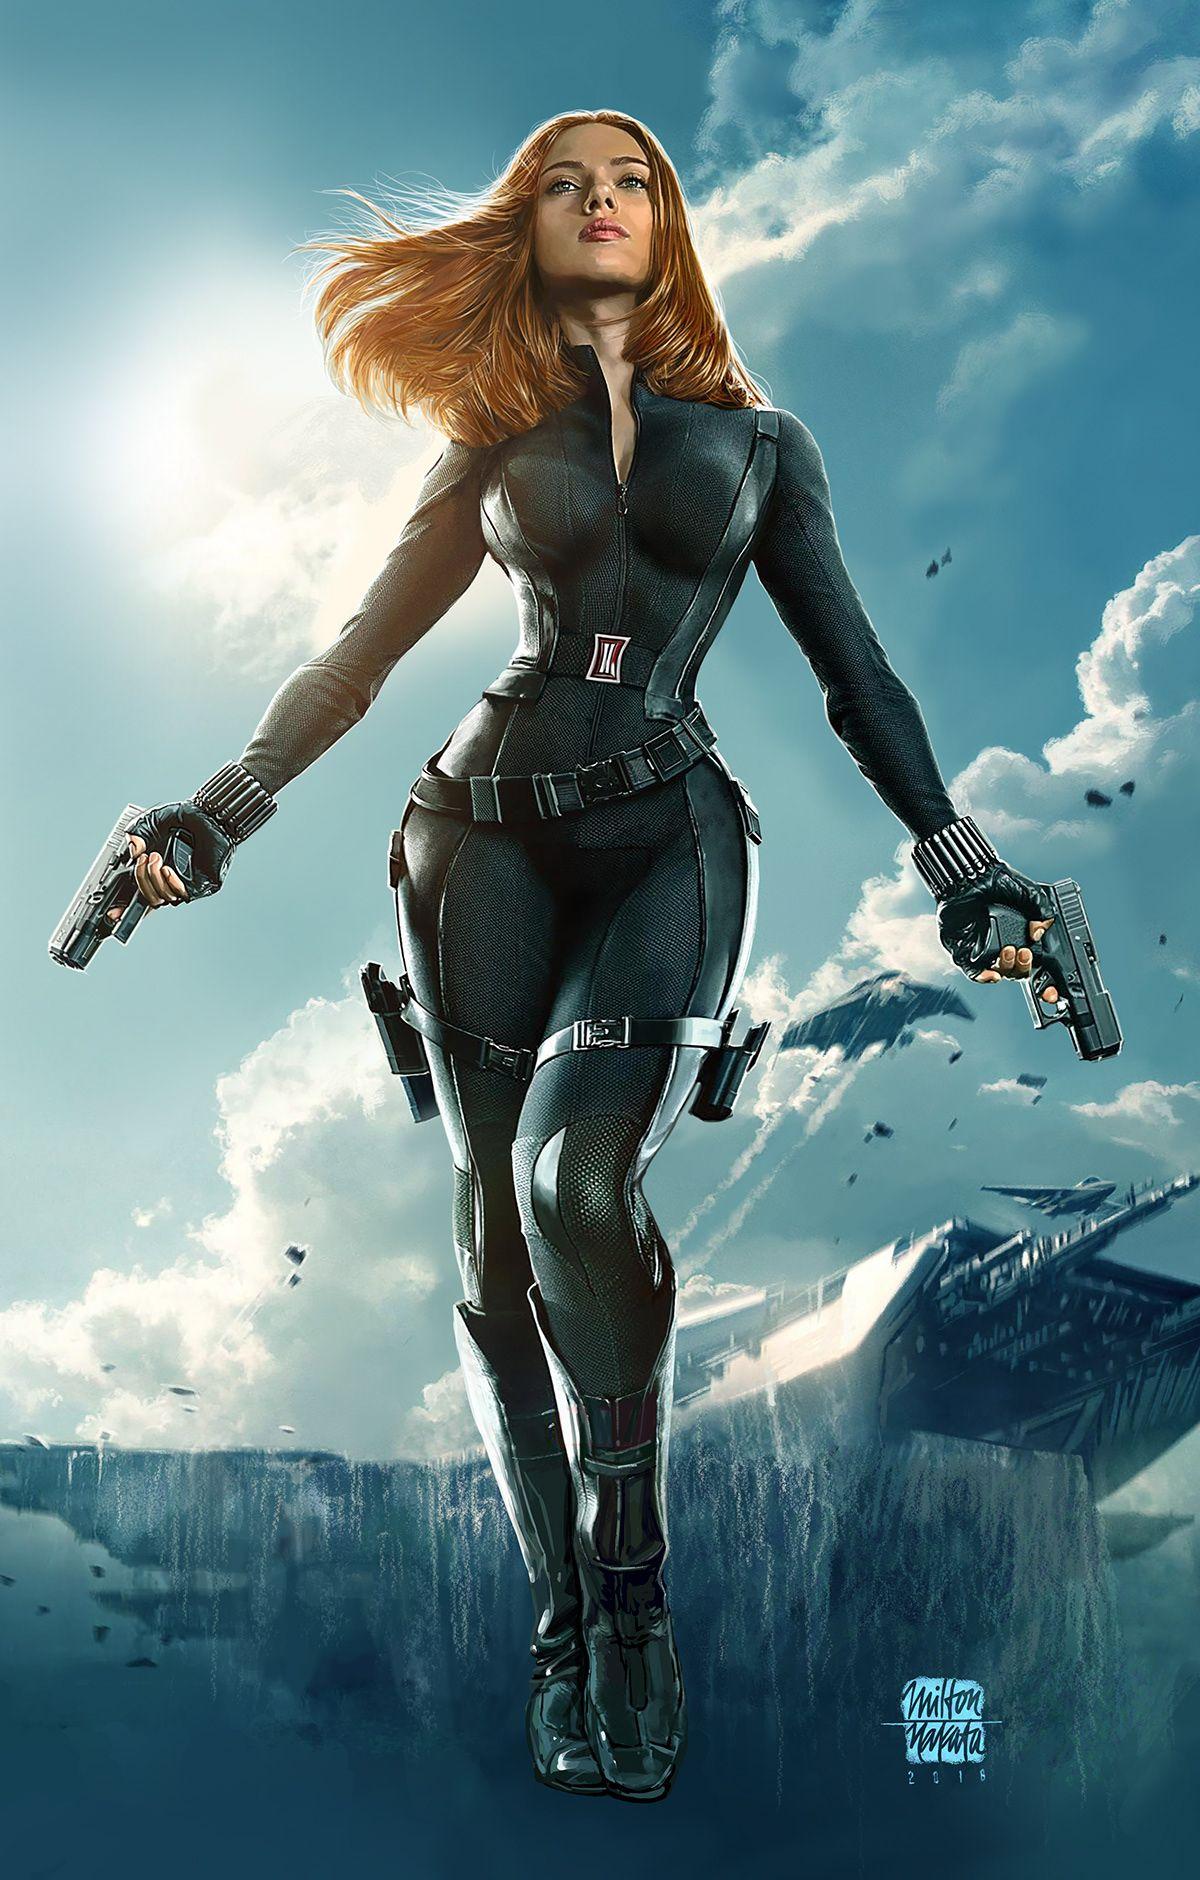 Black Widow Fanart on Behance Black widow marvel